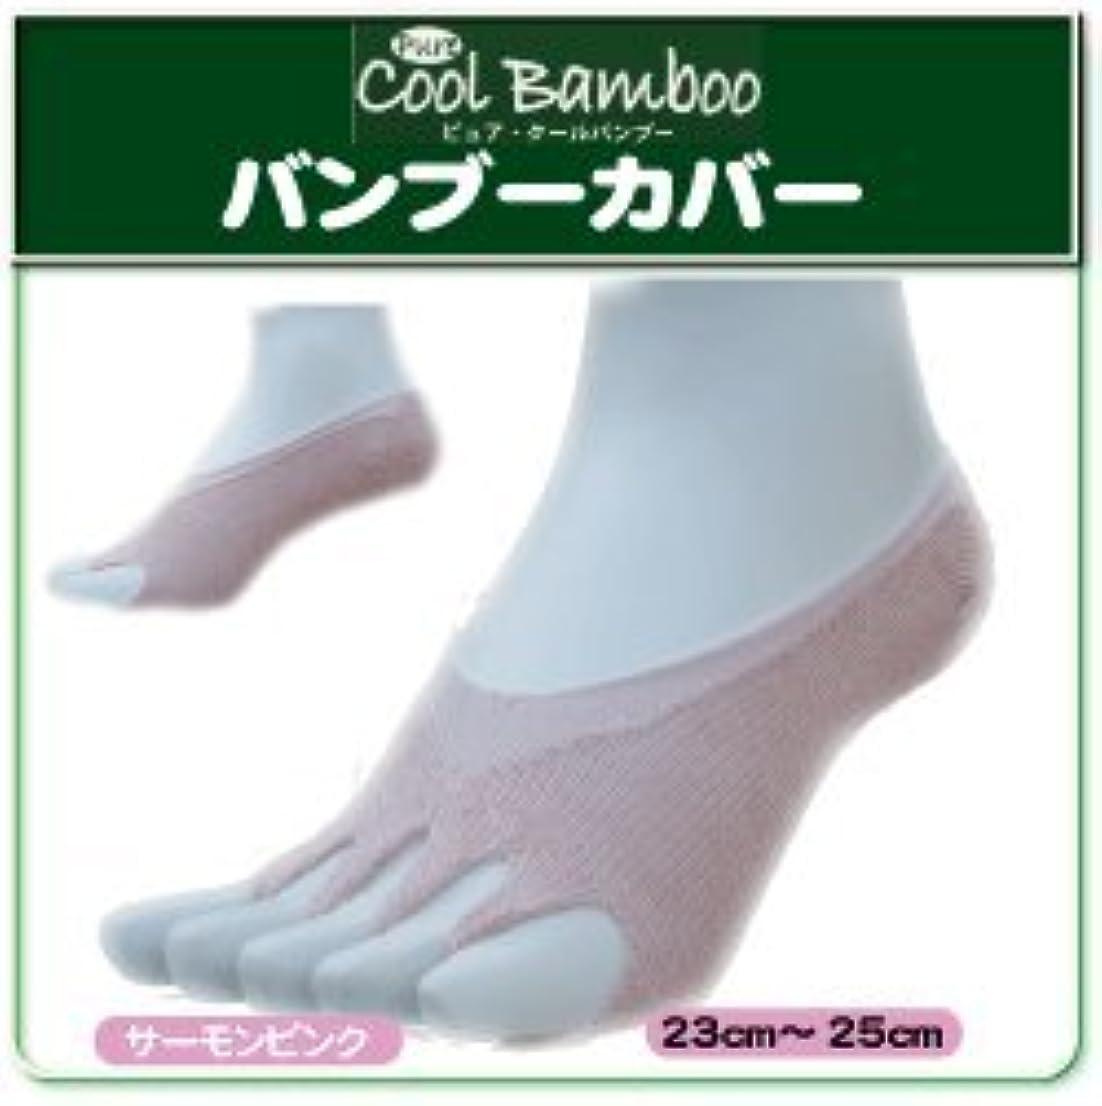 【竹繊維の入った指なし健康ソックス】 【クールバンブー】  バンブーカバー サーモンピンク  23cm~25cm